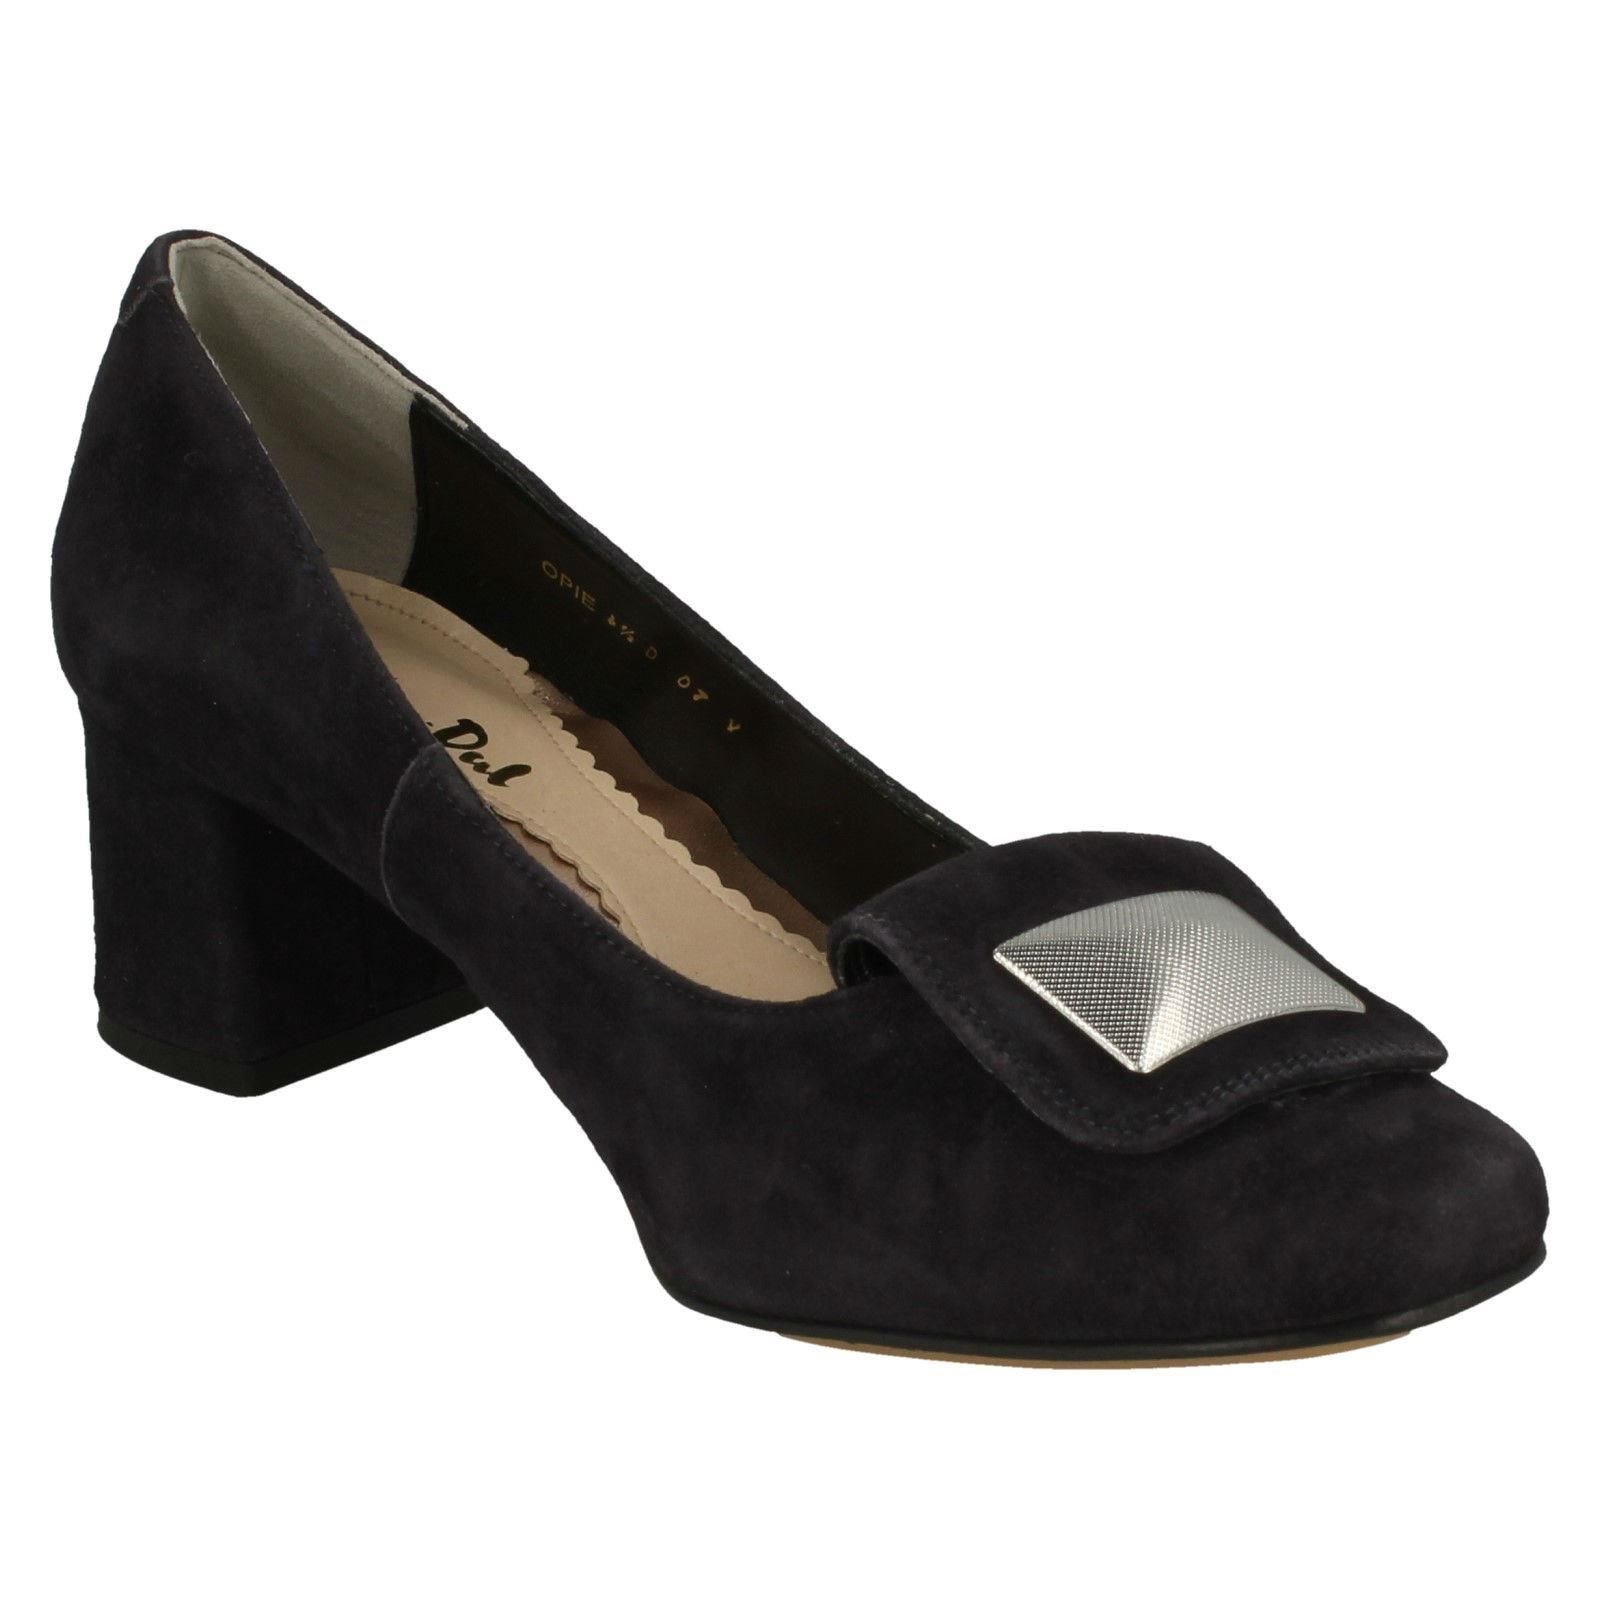 Zapatos negros formales Van Dal para mujer jqLs3gWVba